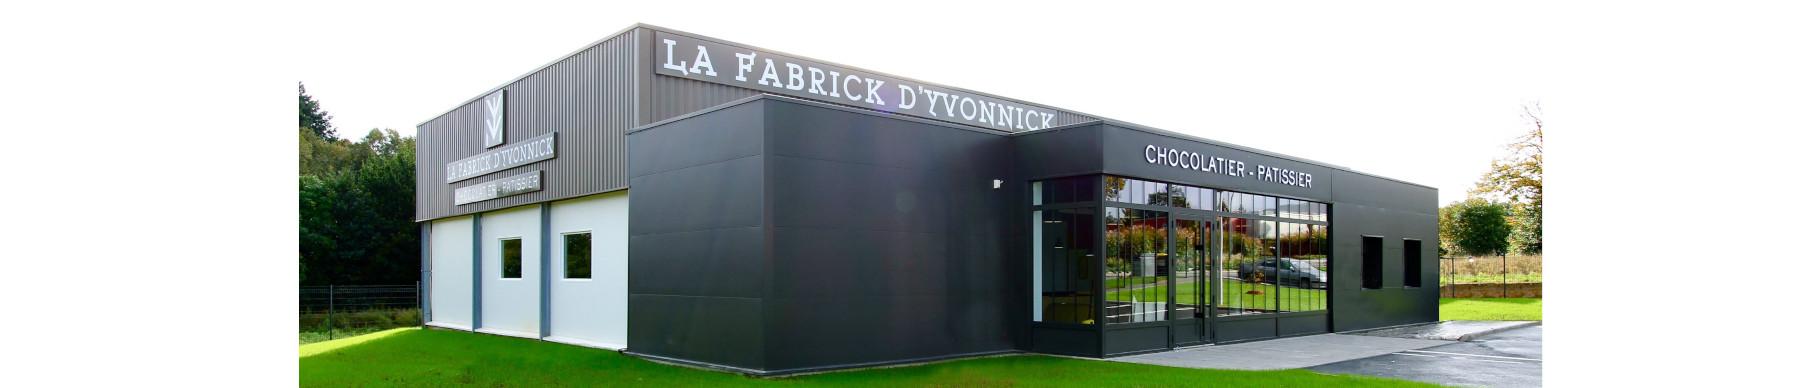 LA FABRICK D'YVONNICK à PONTIVY (56)